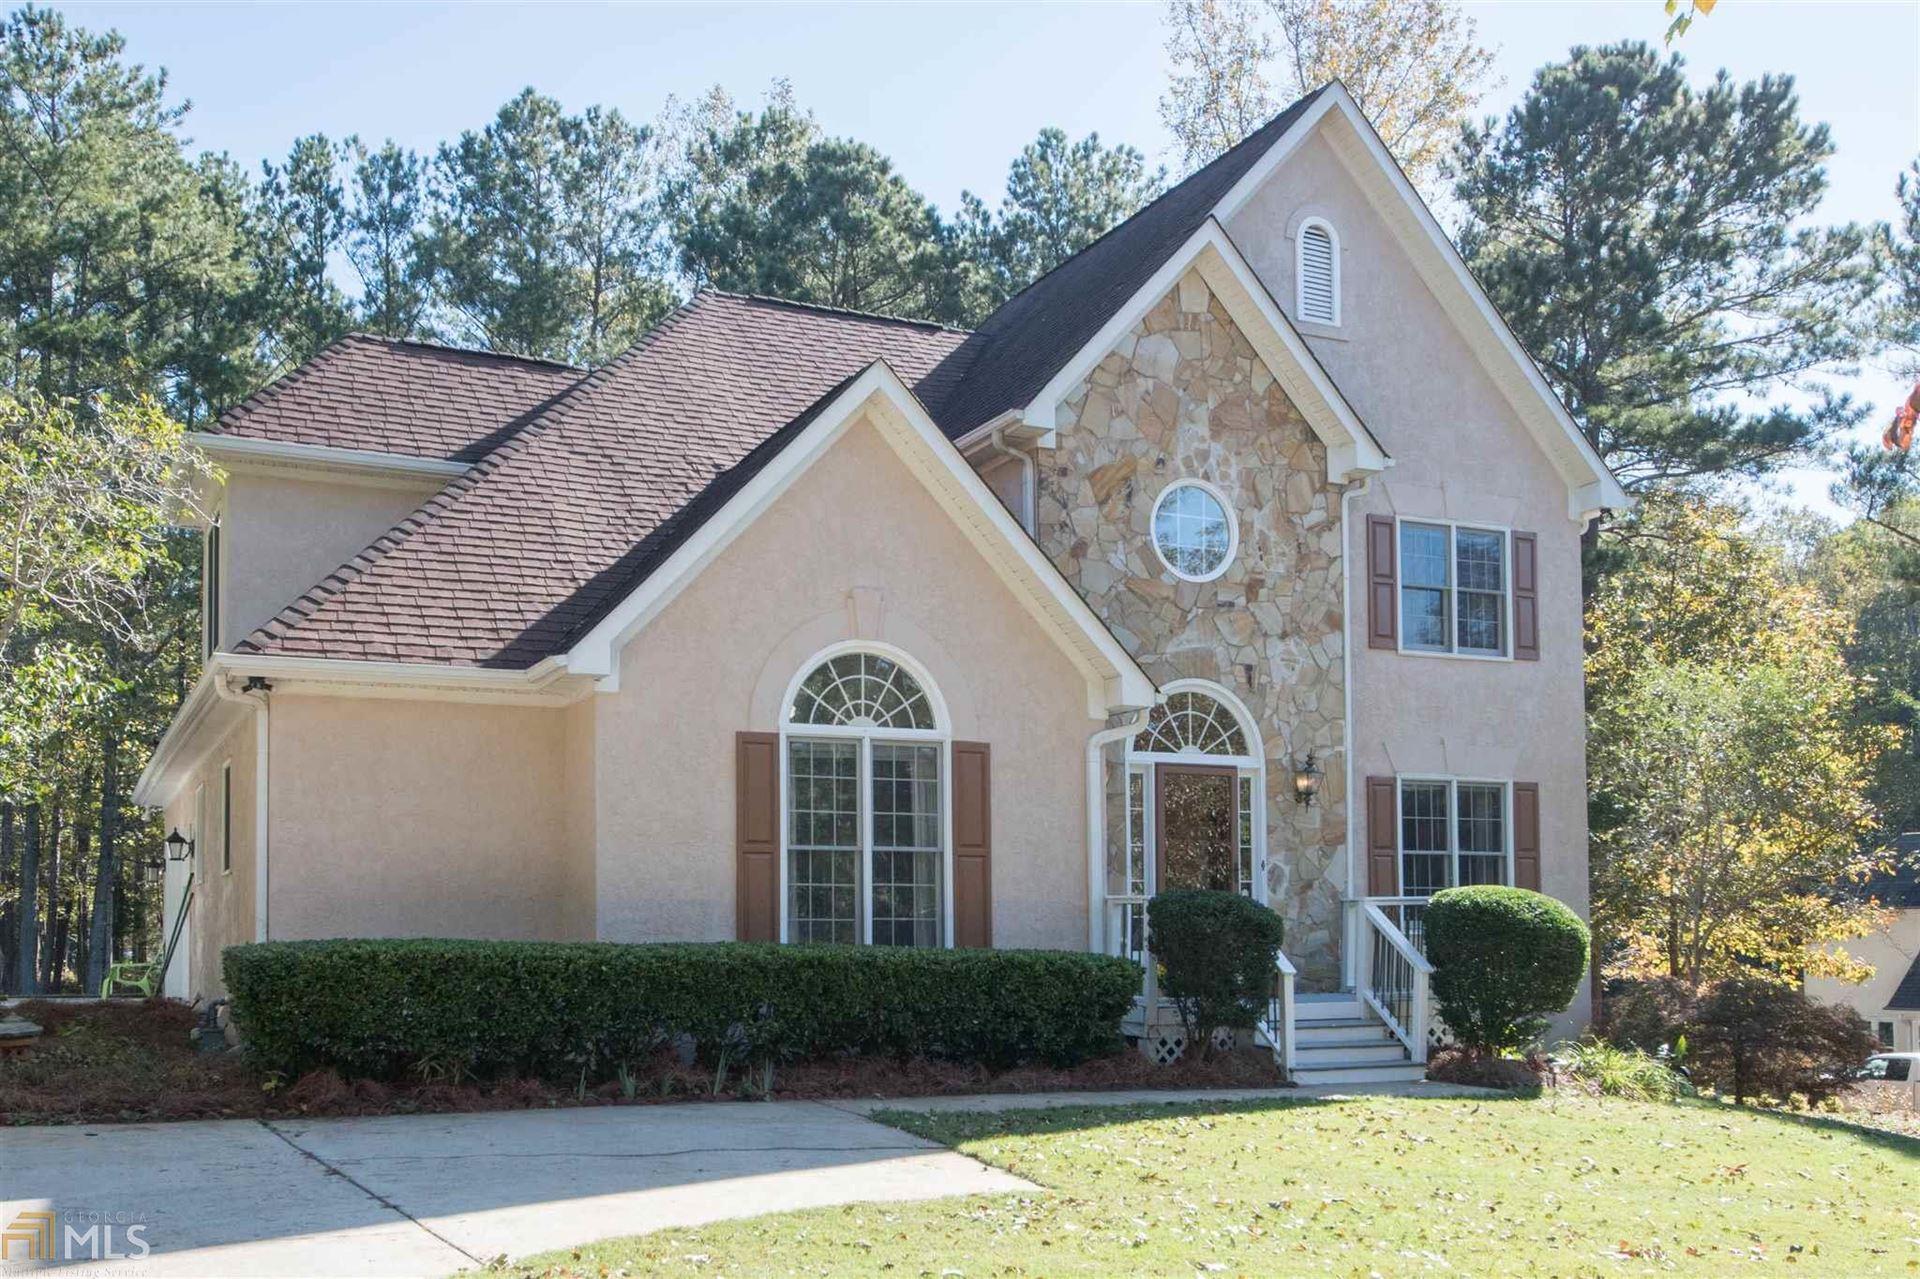 215 Oak Ridge Dr, Fayetteville, GA 30214 - MLS#: 8883244